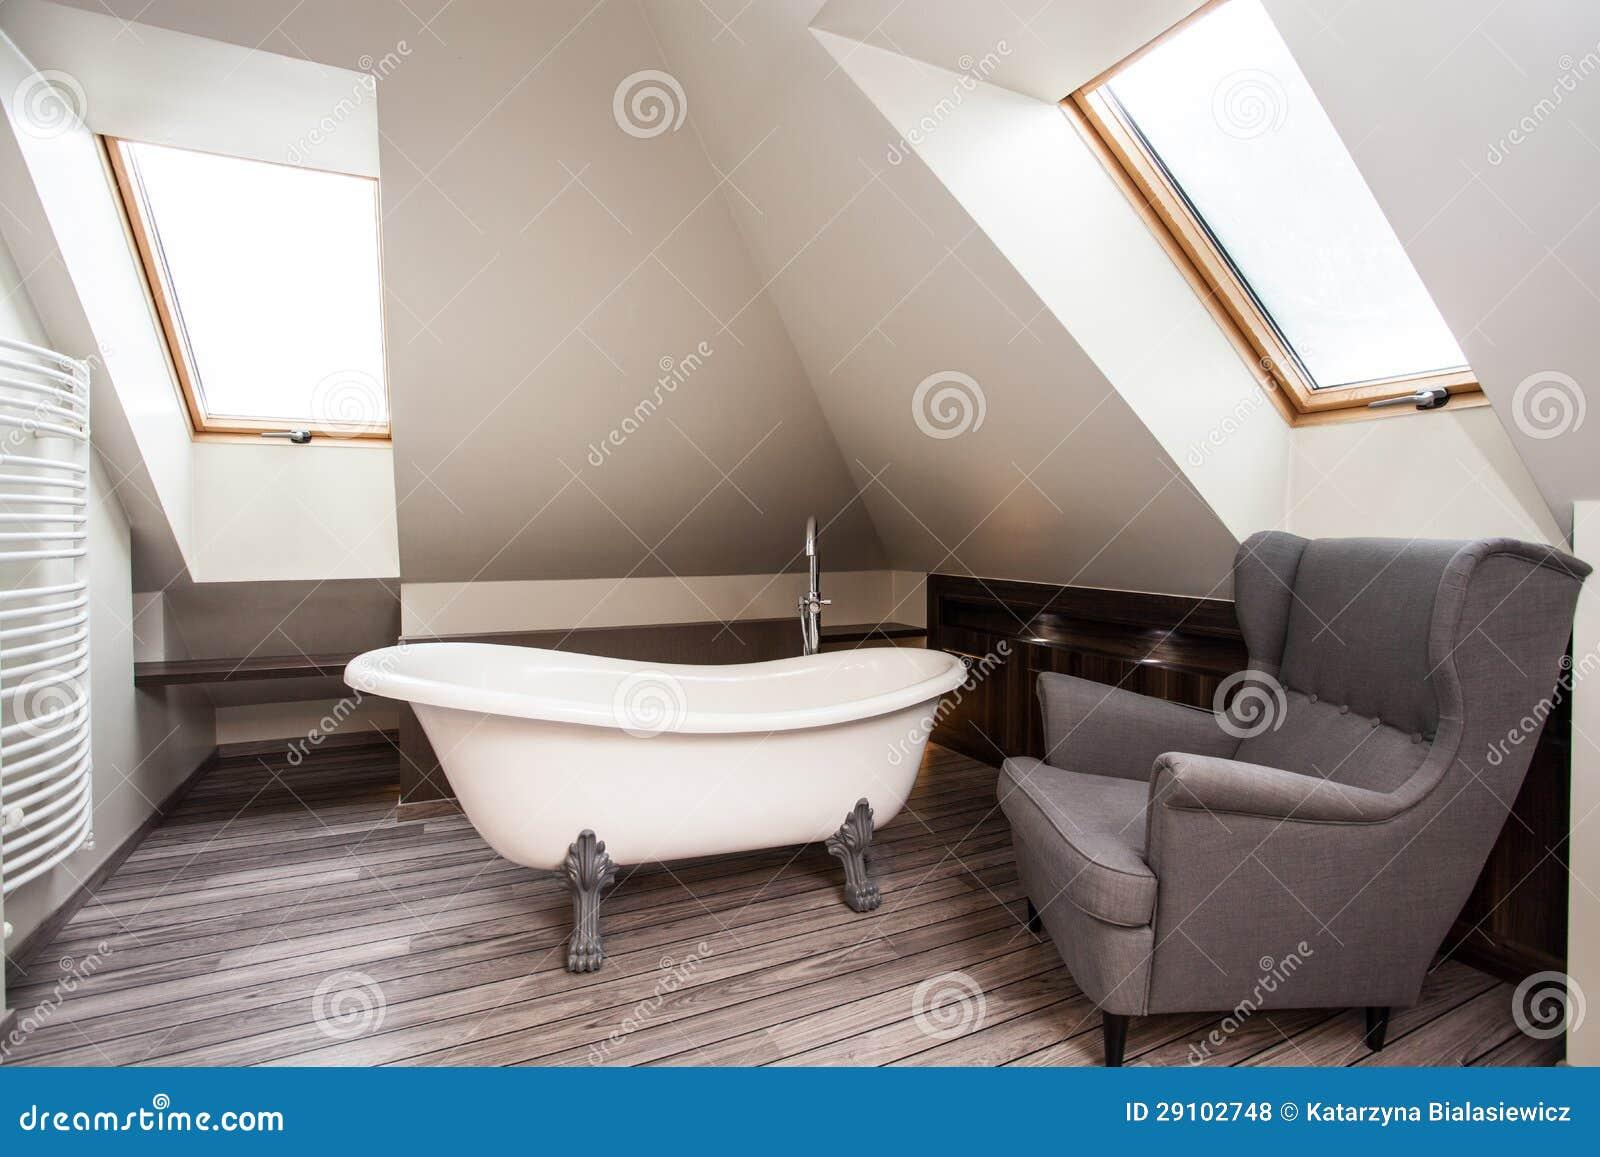 Maison de pays - intérieur de salle de bains